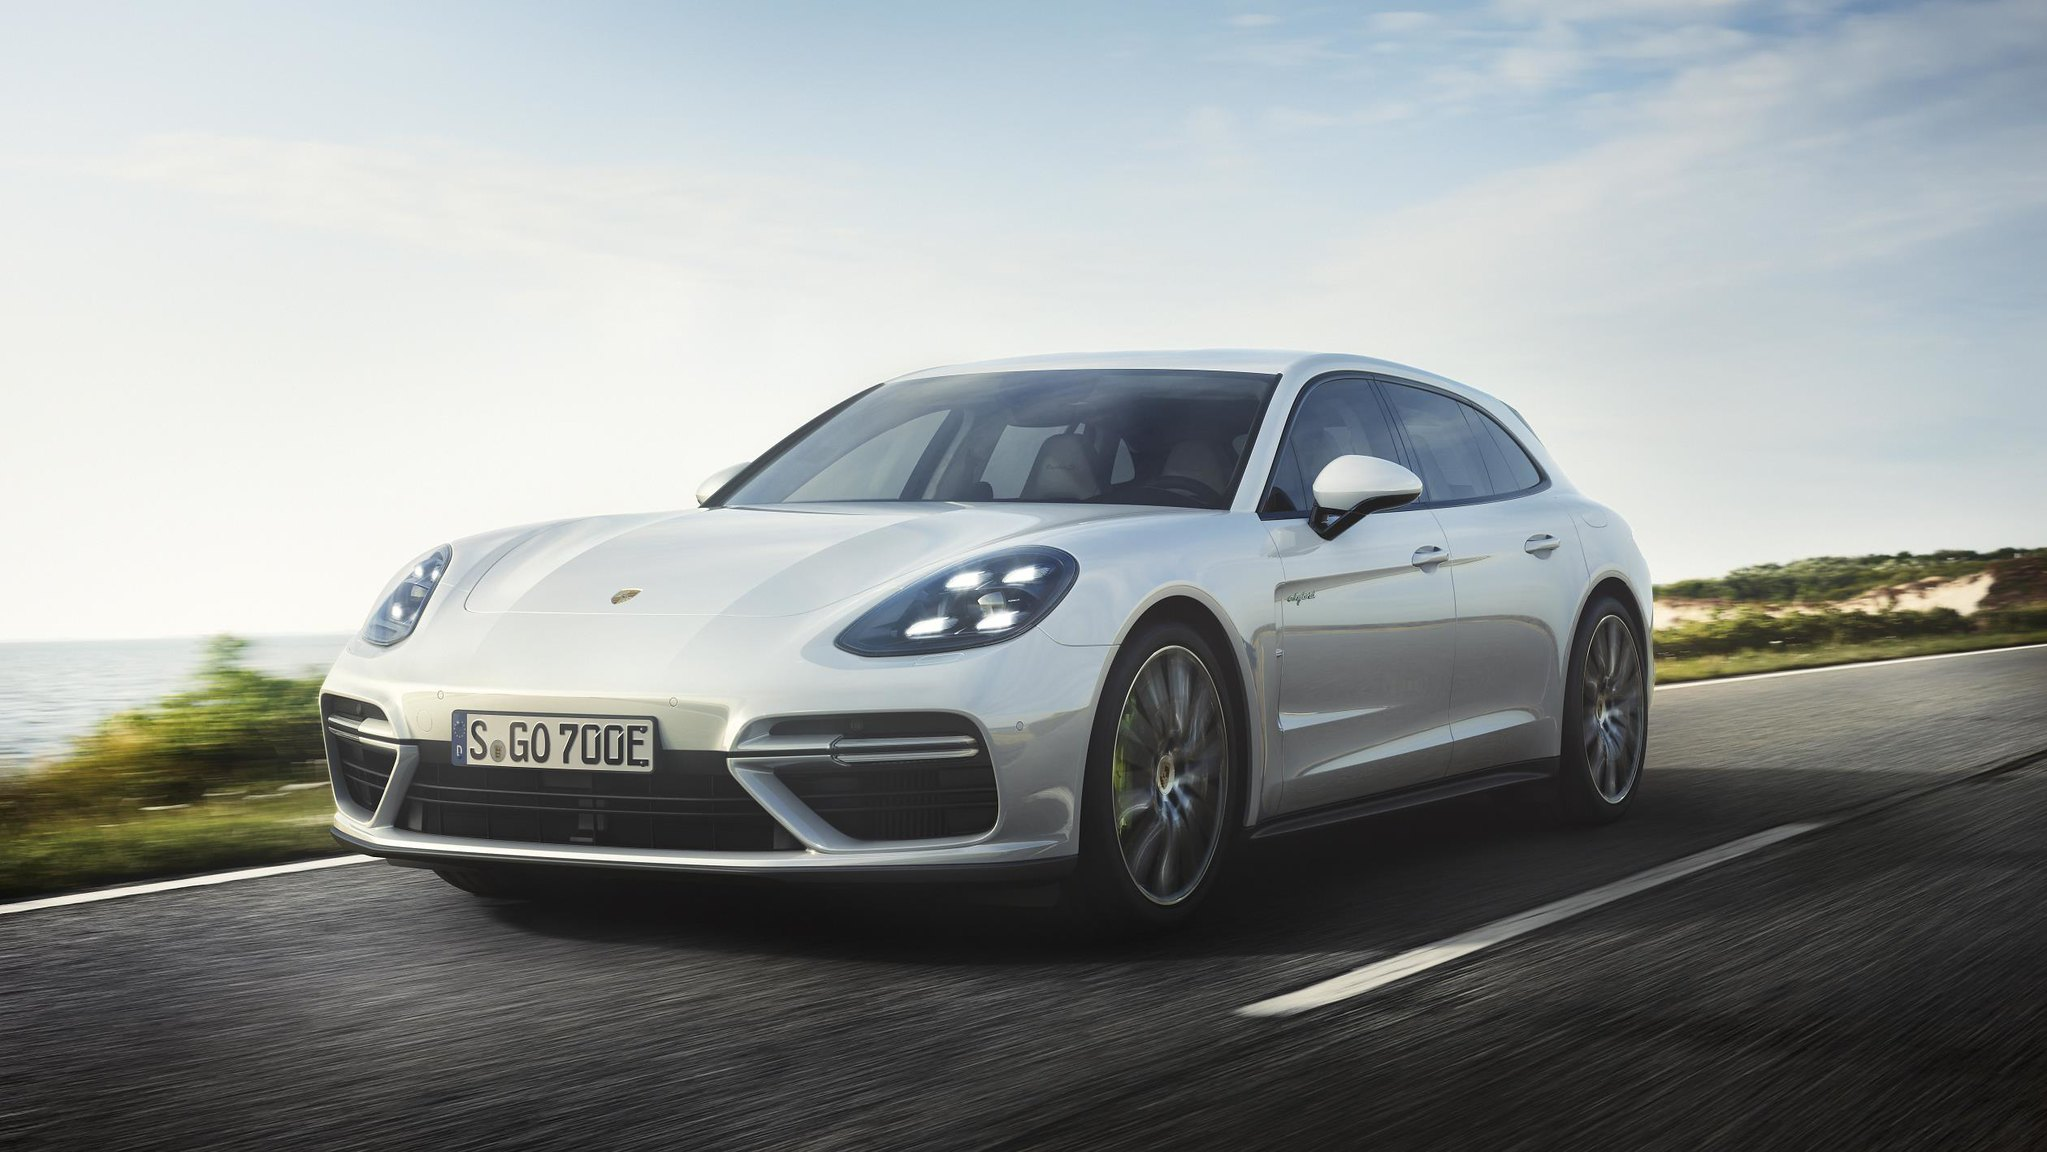 Porsche Panamera Turbo S E-Hybrid Sport Turismo: zero to 60 mph in 3.2 seconds; top track speed of 192 mph